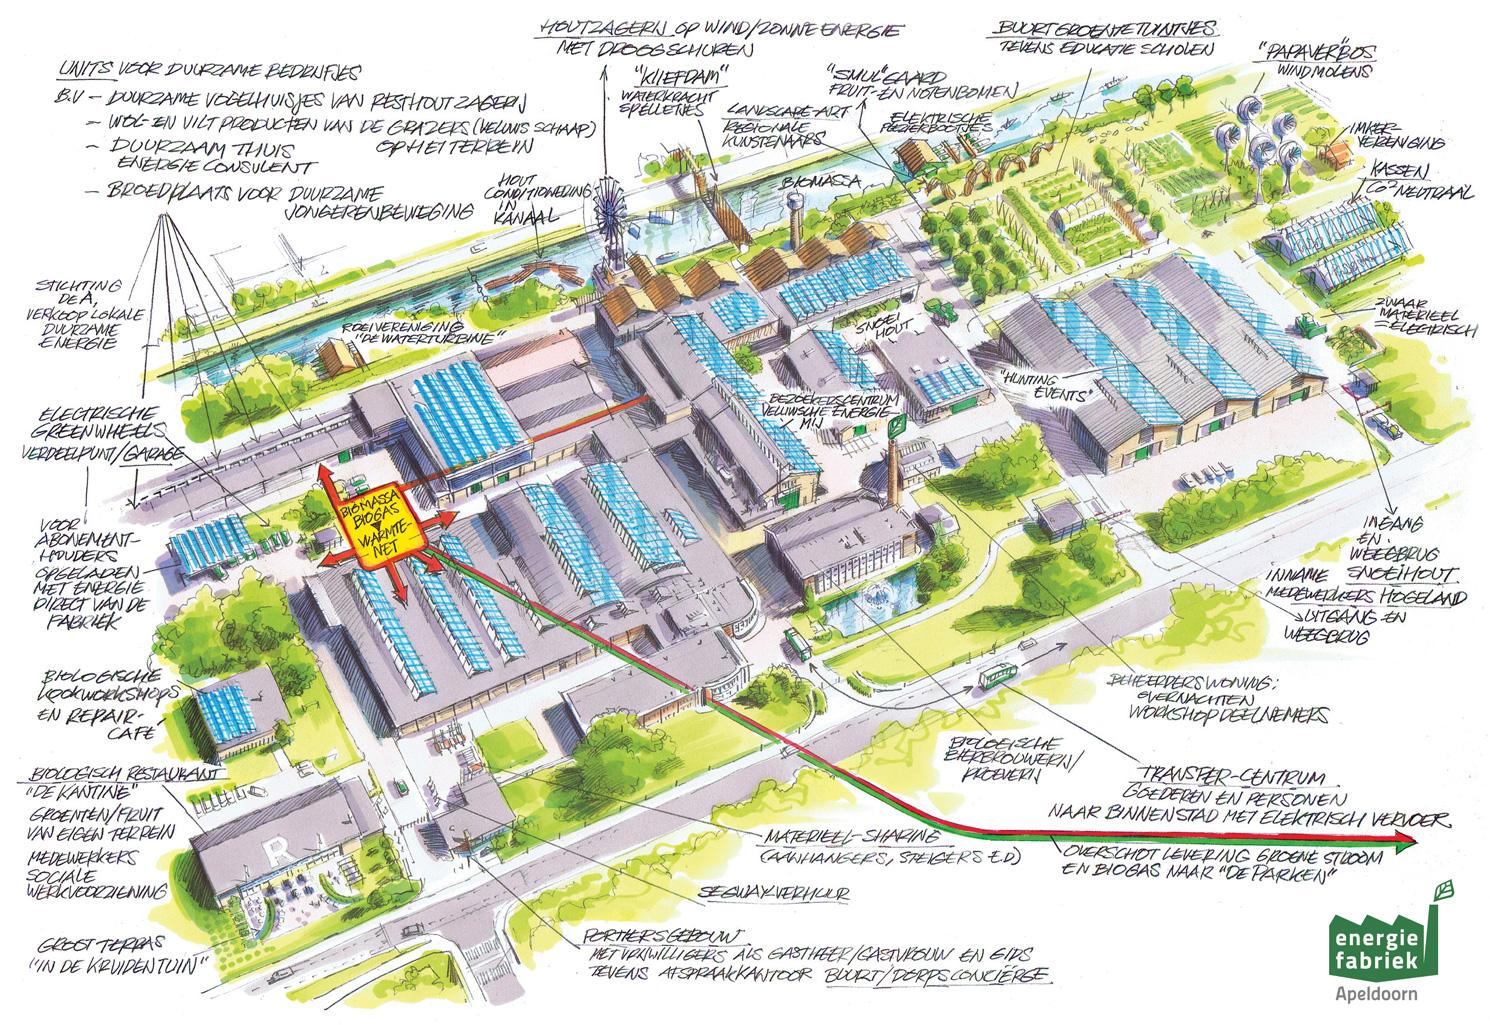 Energiefabriek Apeldoorn